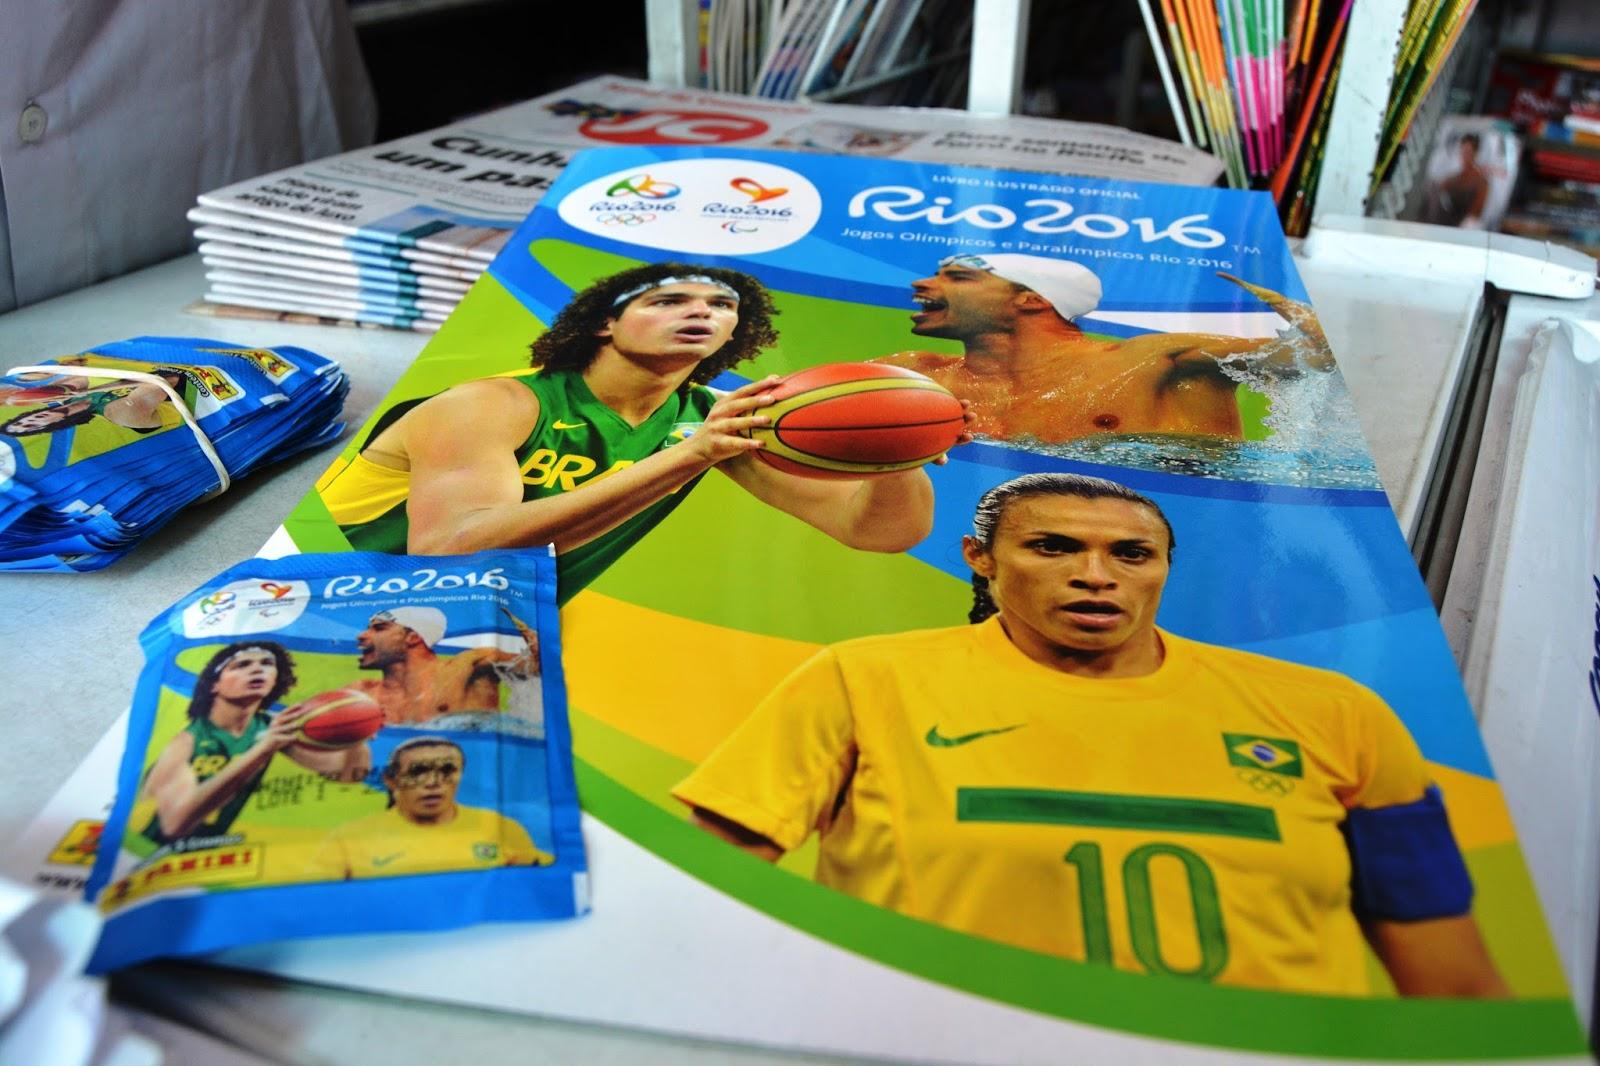 8700f20a9f7bd Álbum de figuras das Olimpíadas e Paralimpíadas chega com atraso em ...